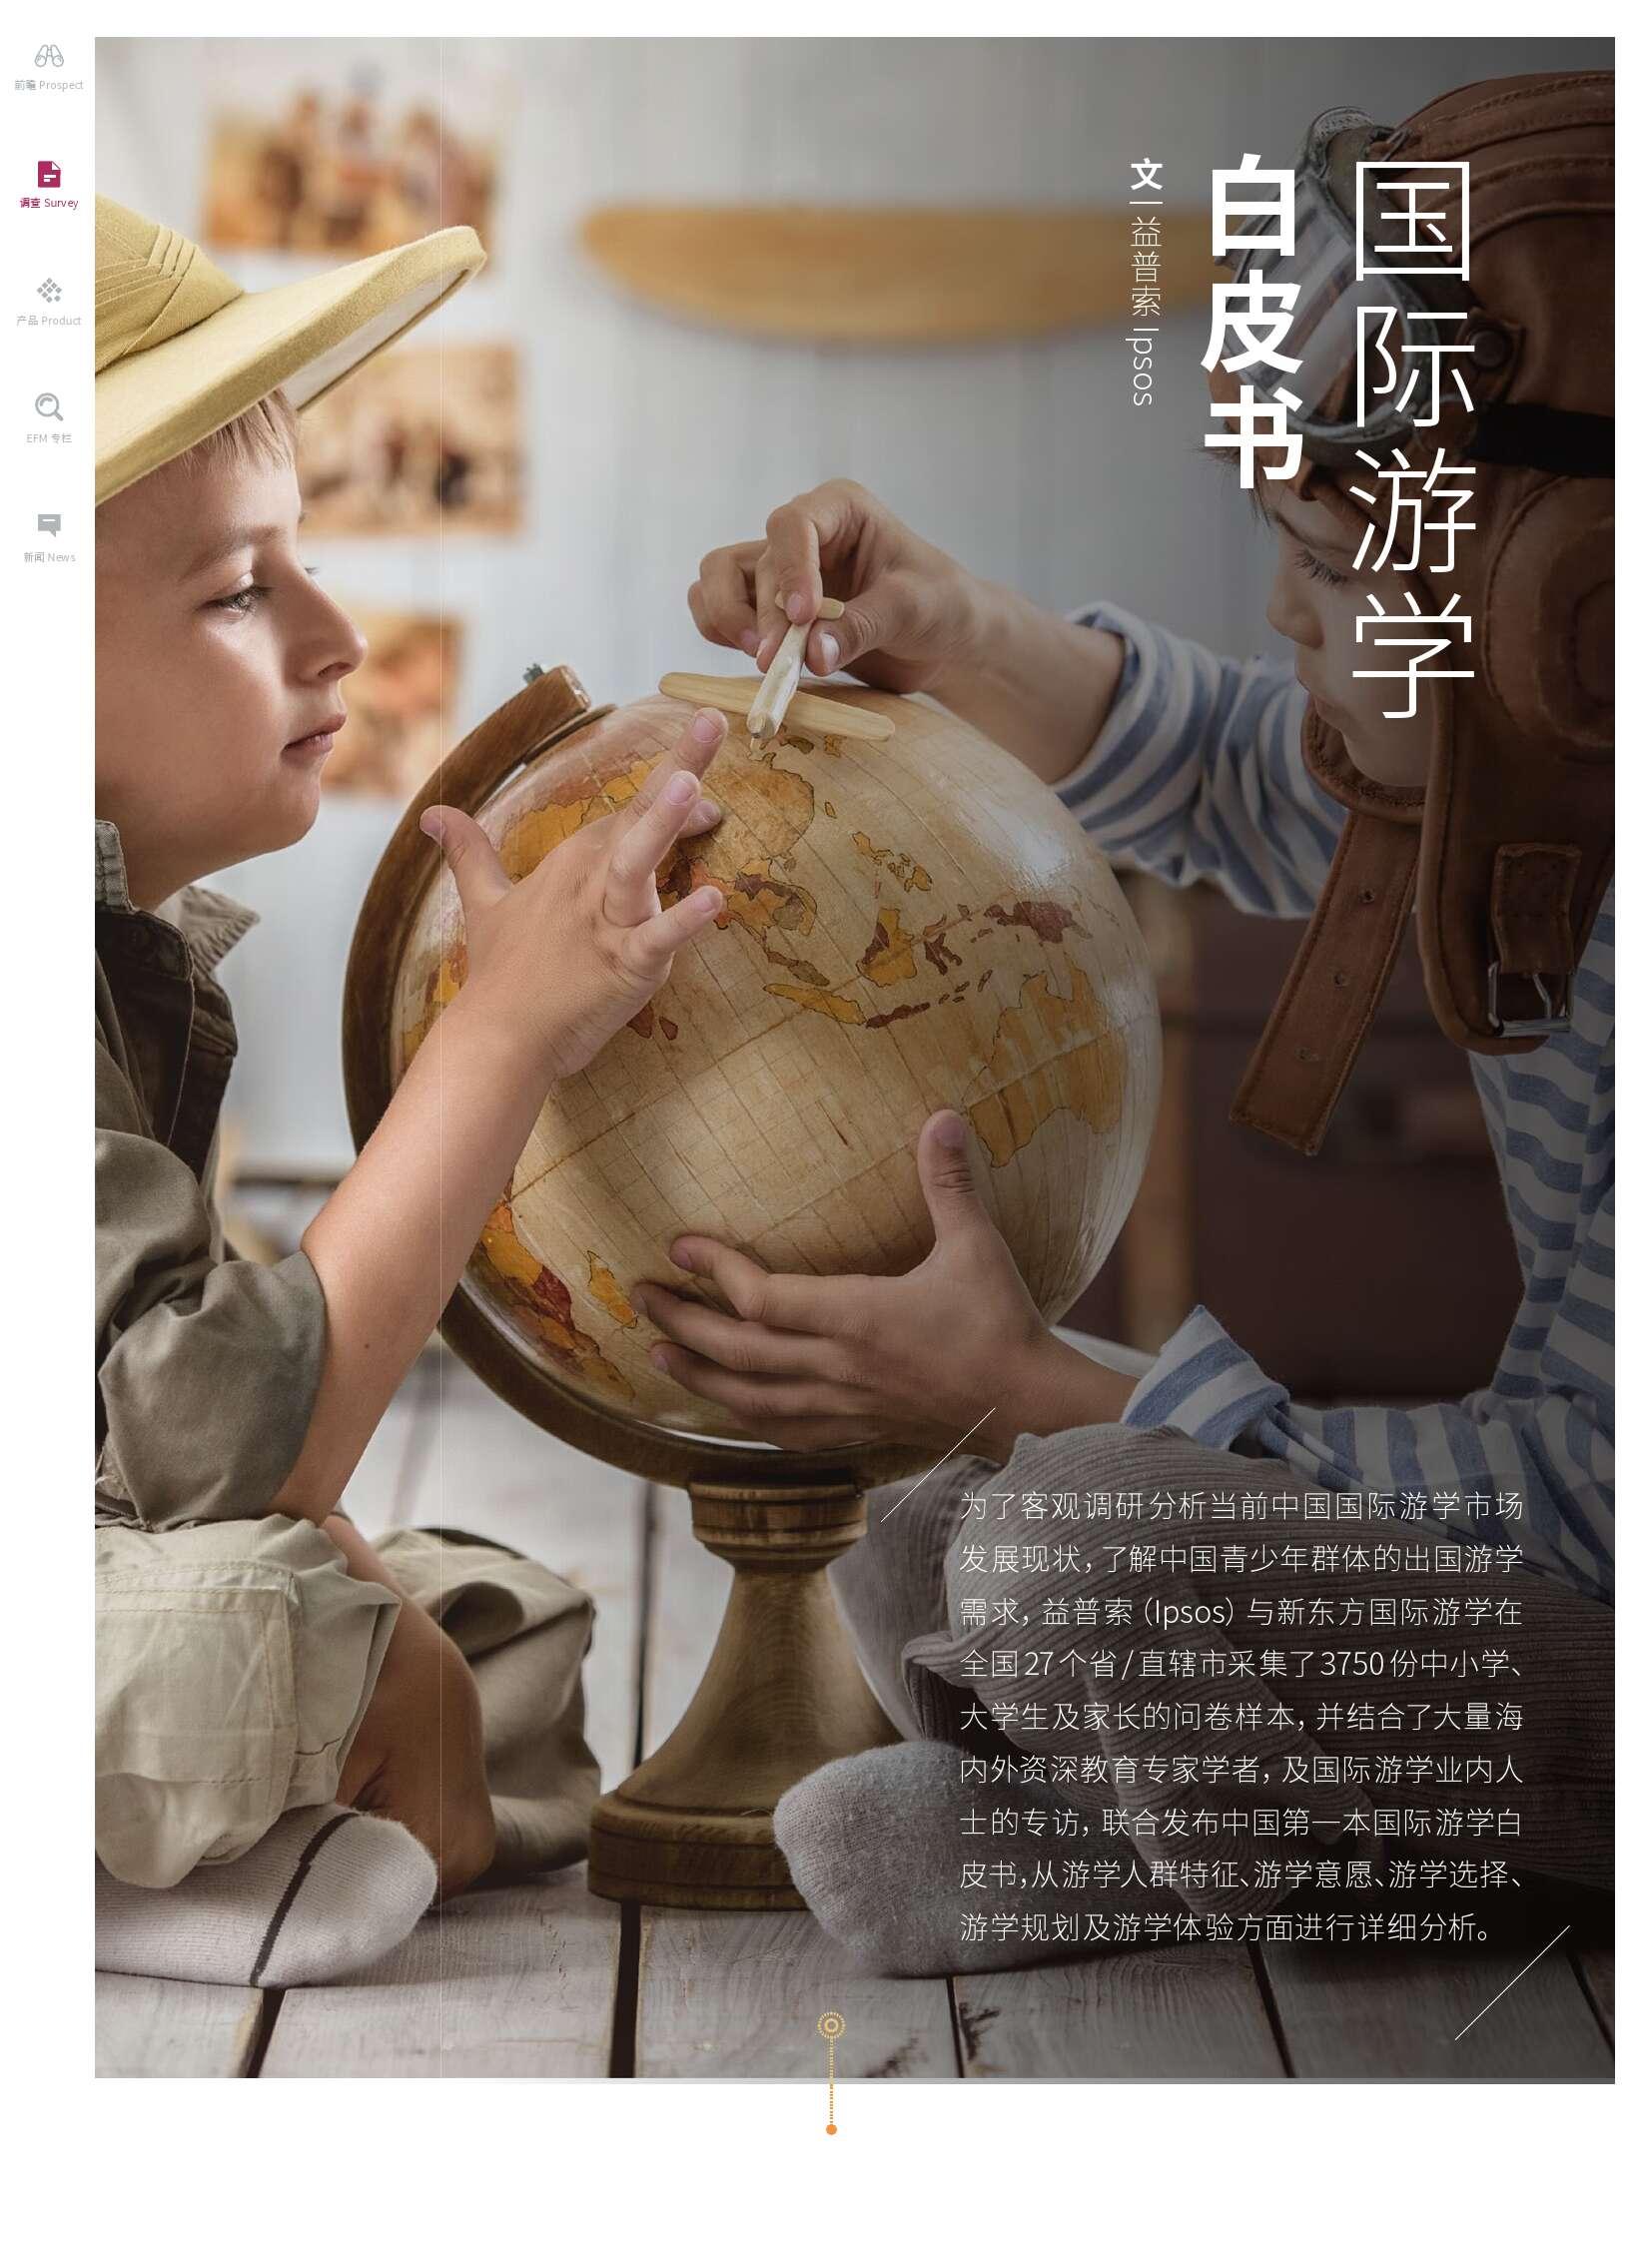 2016中国食品&饮料趋势及消费者洞察_000007